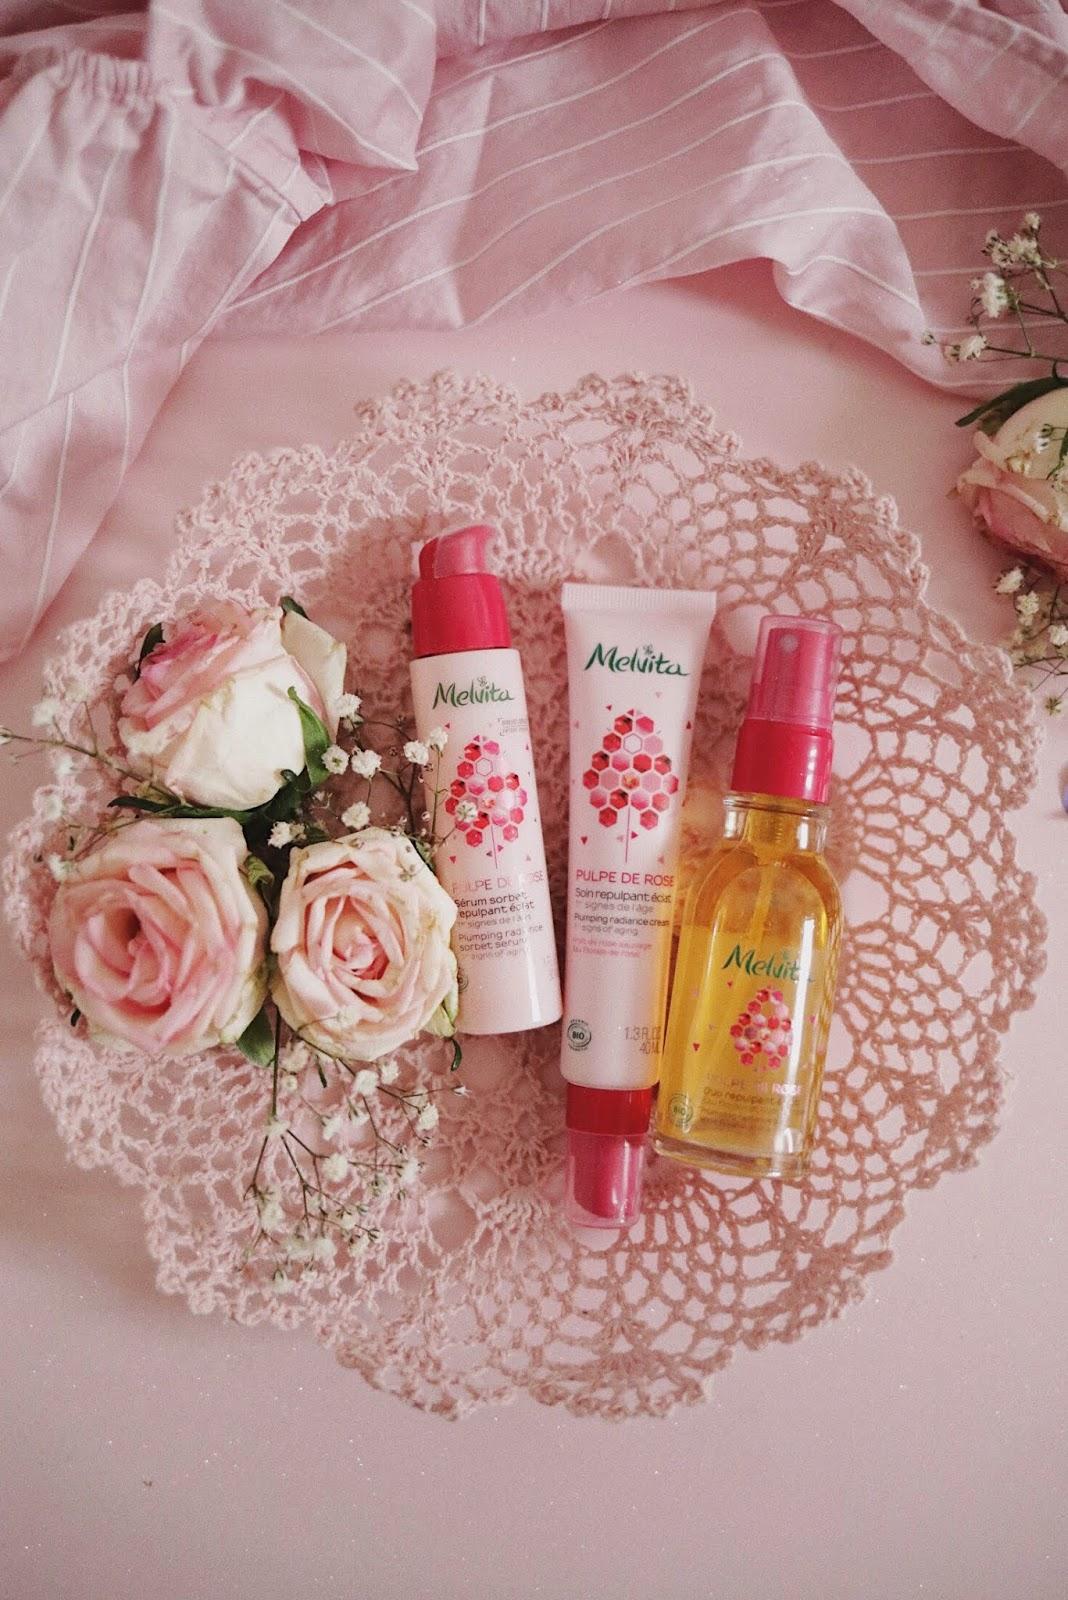 Melvita ,Pulpe de Rose, grenadine RP , rose mademoiselle, rosemademoiselle,rose